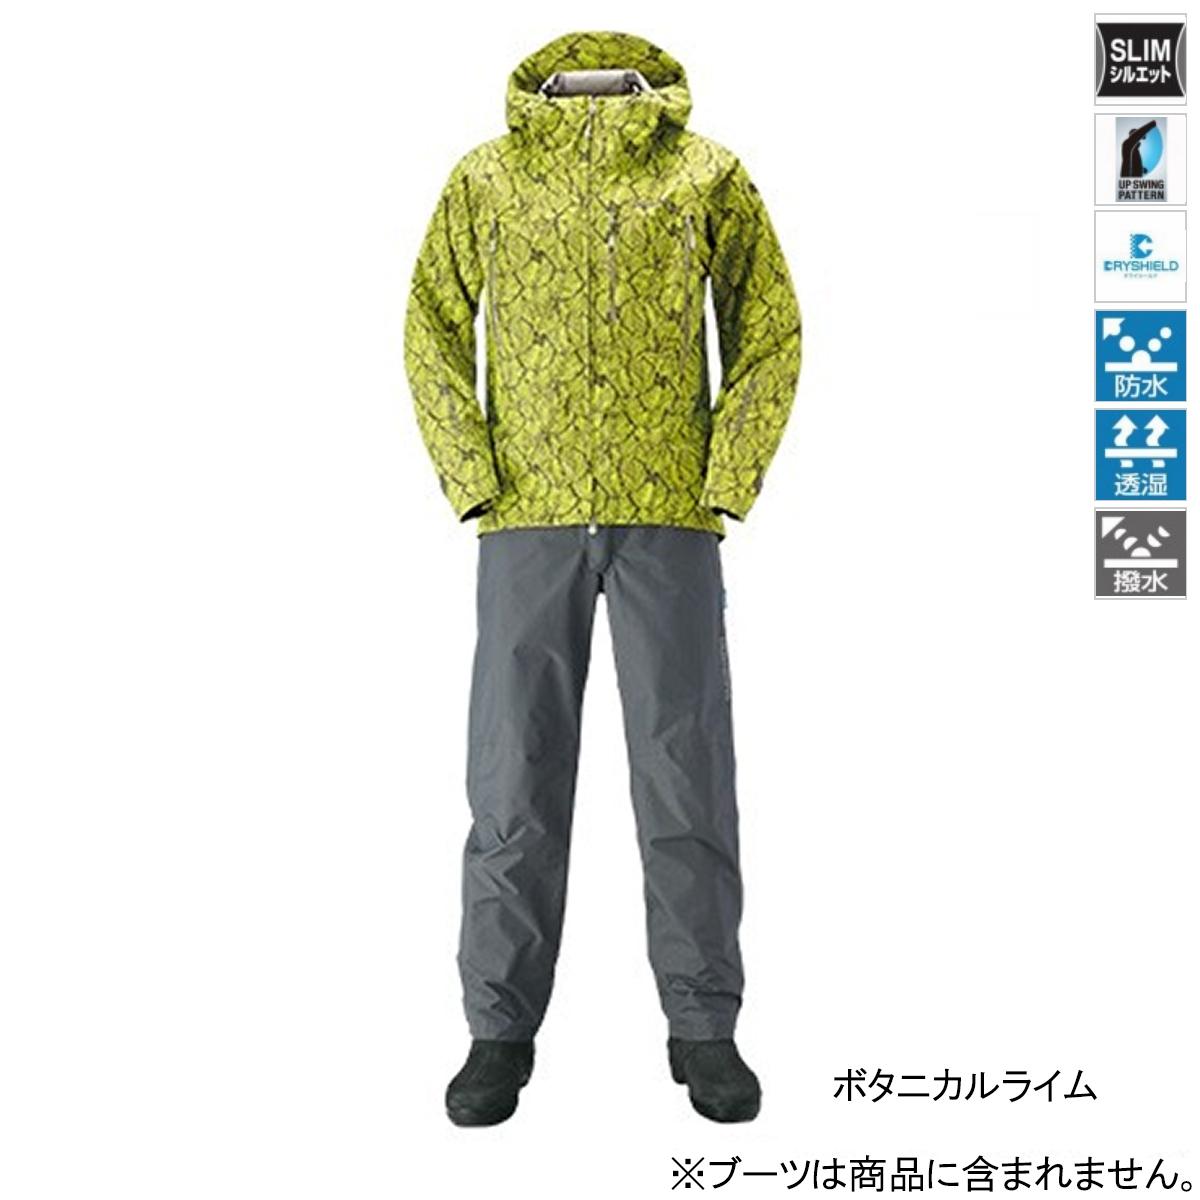 シマノ DSエクスプローラースーツ RA-024S L ボタニカルライム(東日本店)